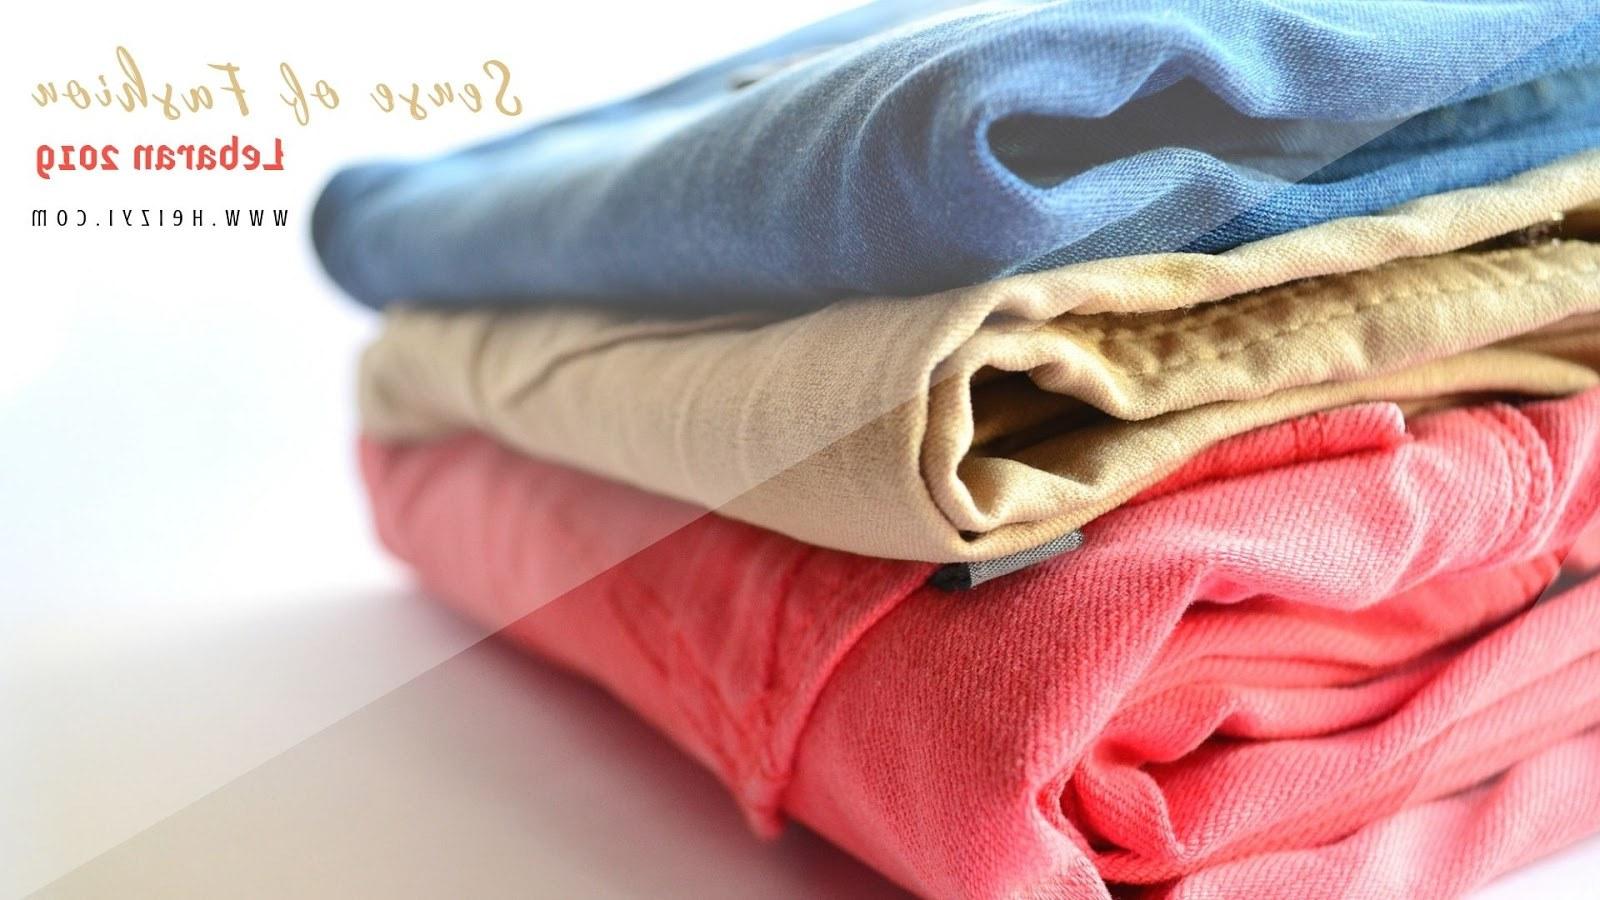 Ide Inspirasi Baju Lebaran E6d5 6 Inspirasi Model Baju Gamis Terbaru Untuk Lebaran so